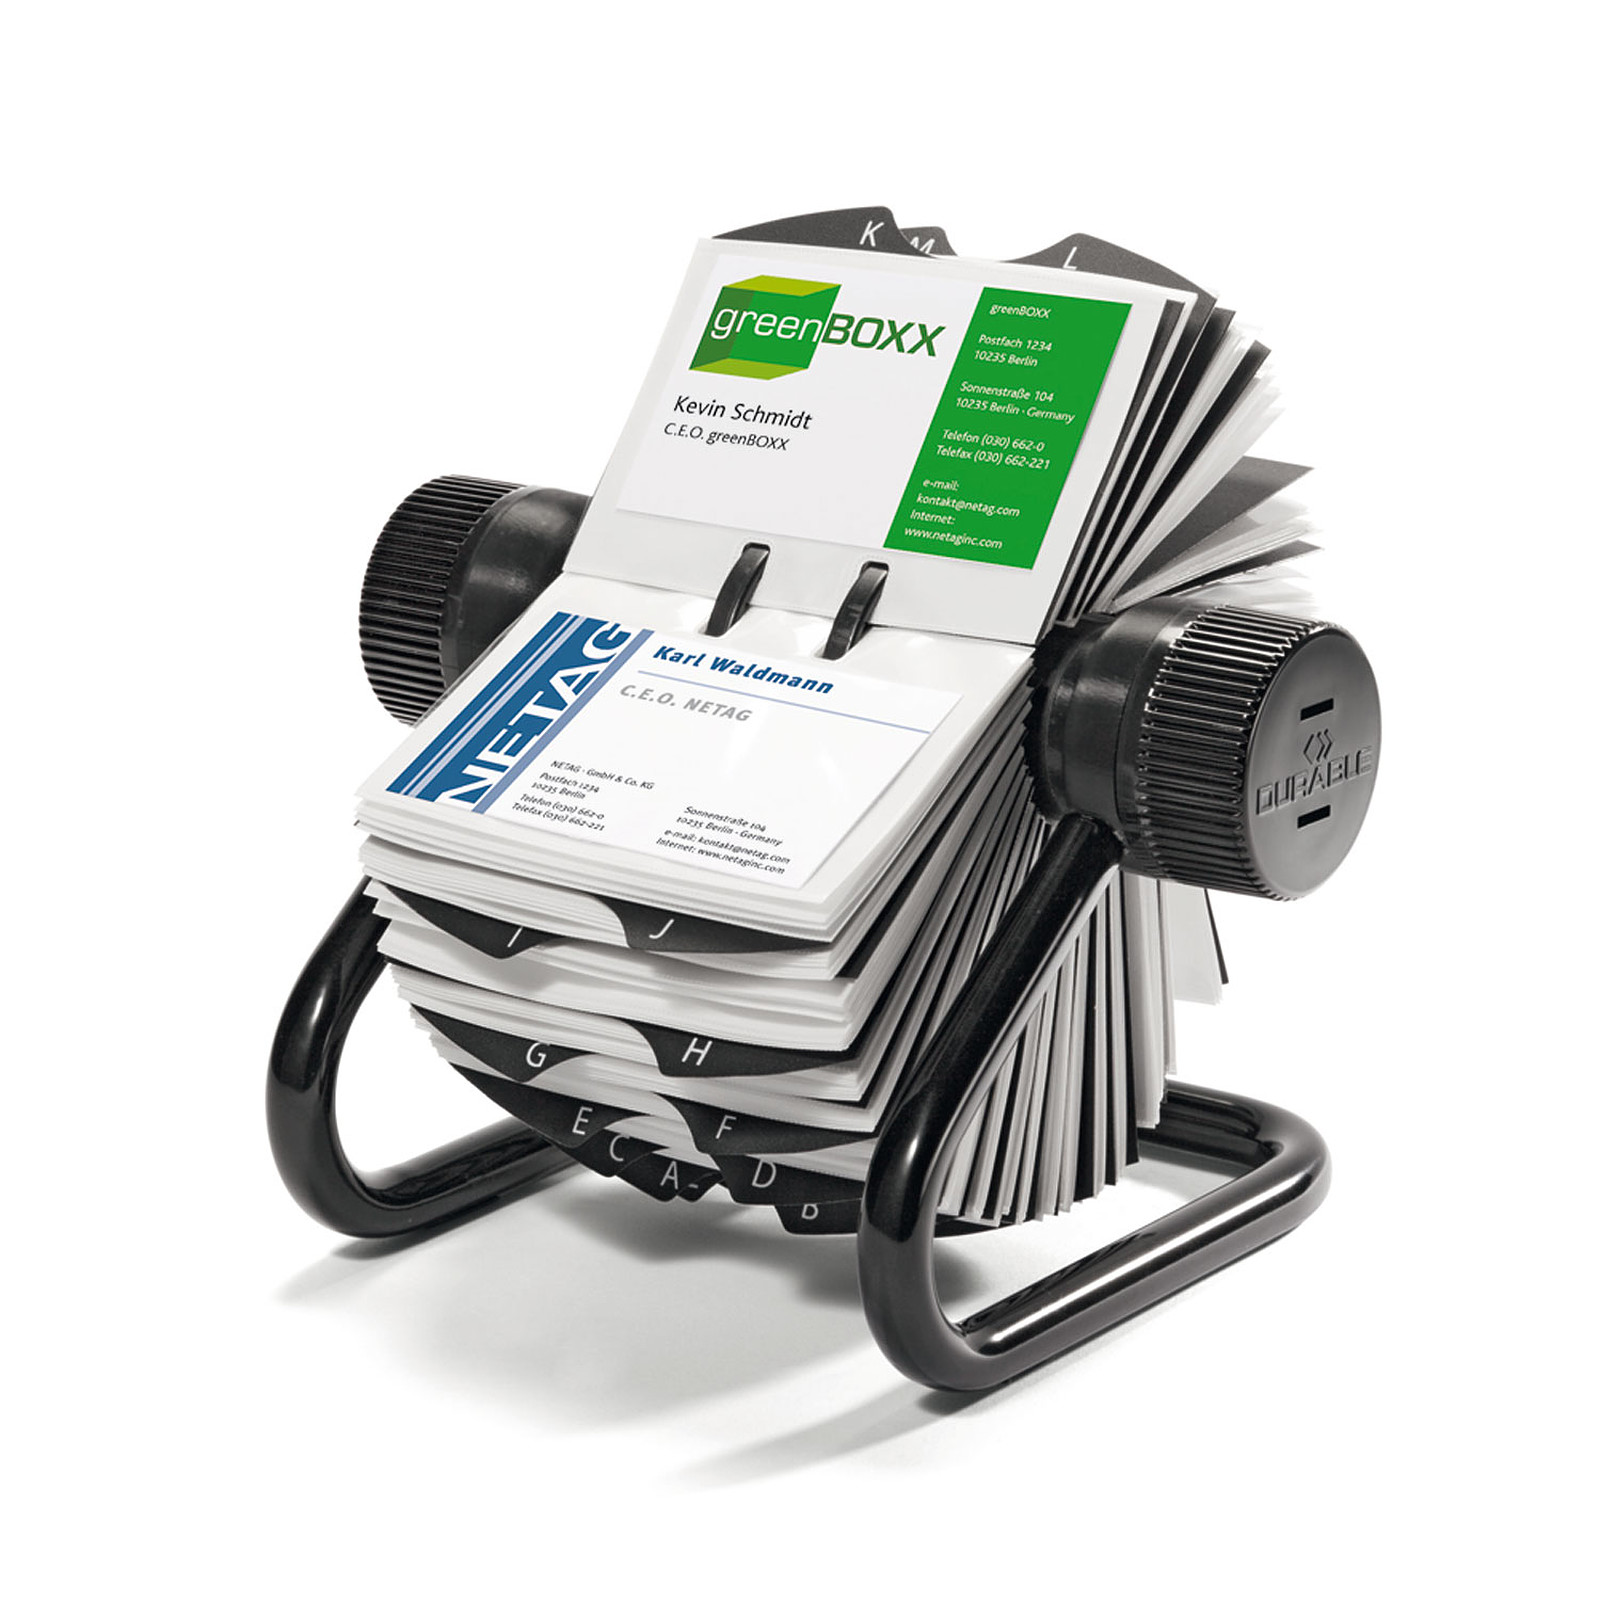 Fichero giratorio DURABLE VISIFIX ECONOMY para tarjetas de visita capacidad 400 tarjetas color negro